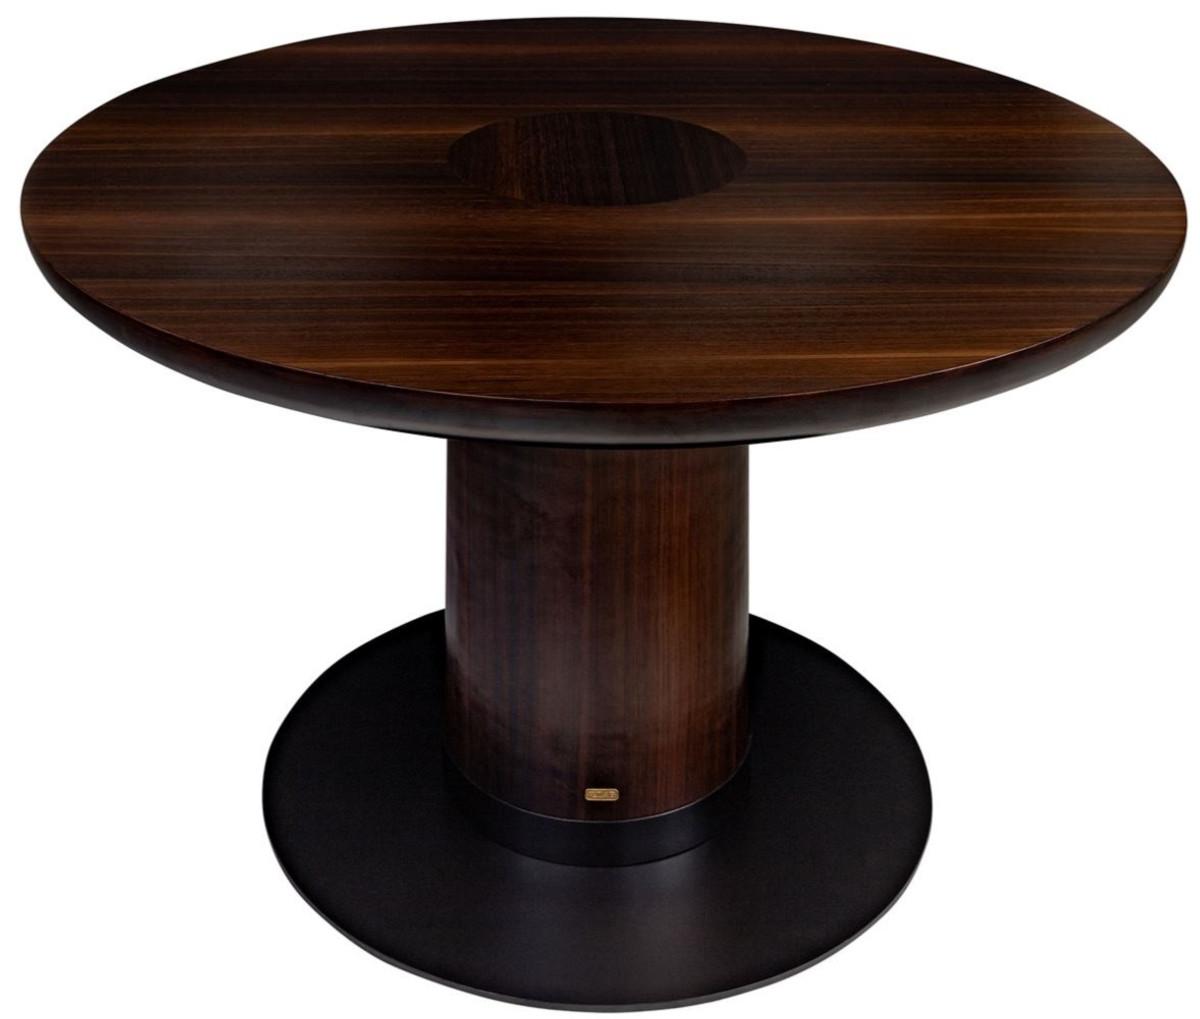 Casa Padrino luxury eucalyptus veneer dining table dark brown Ø ...